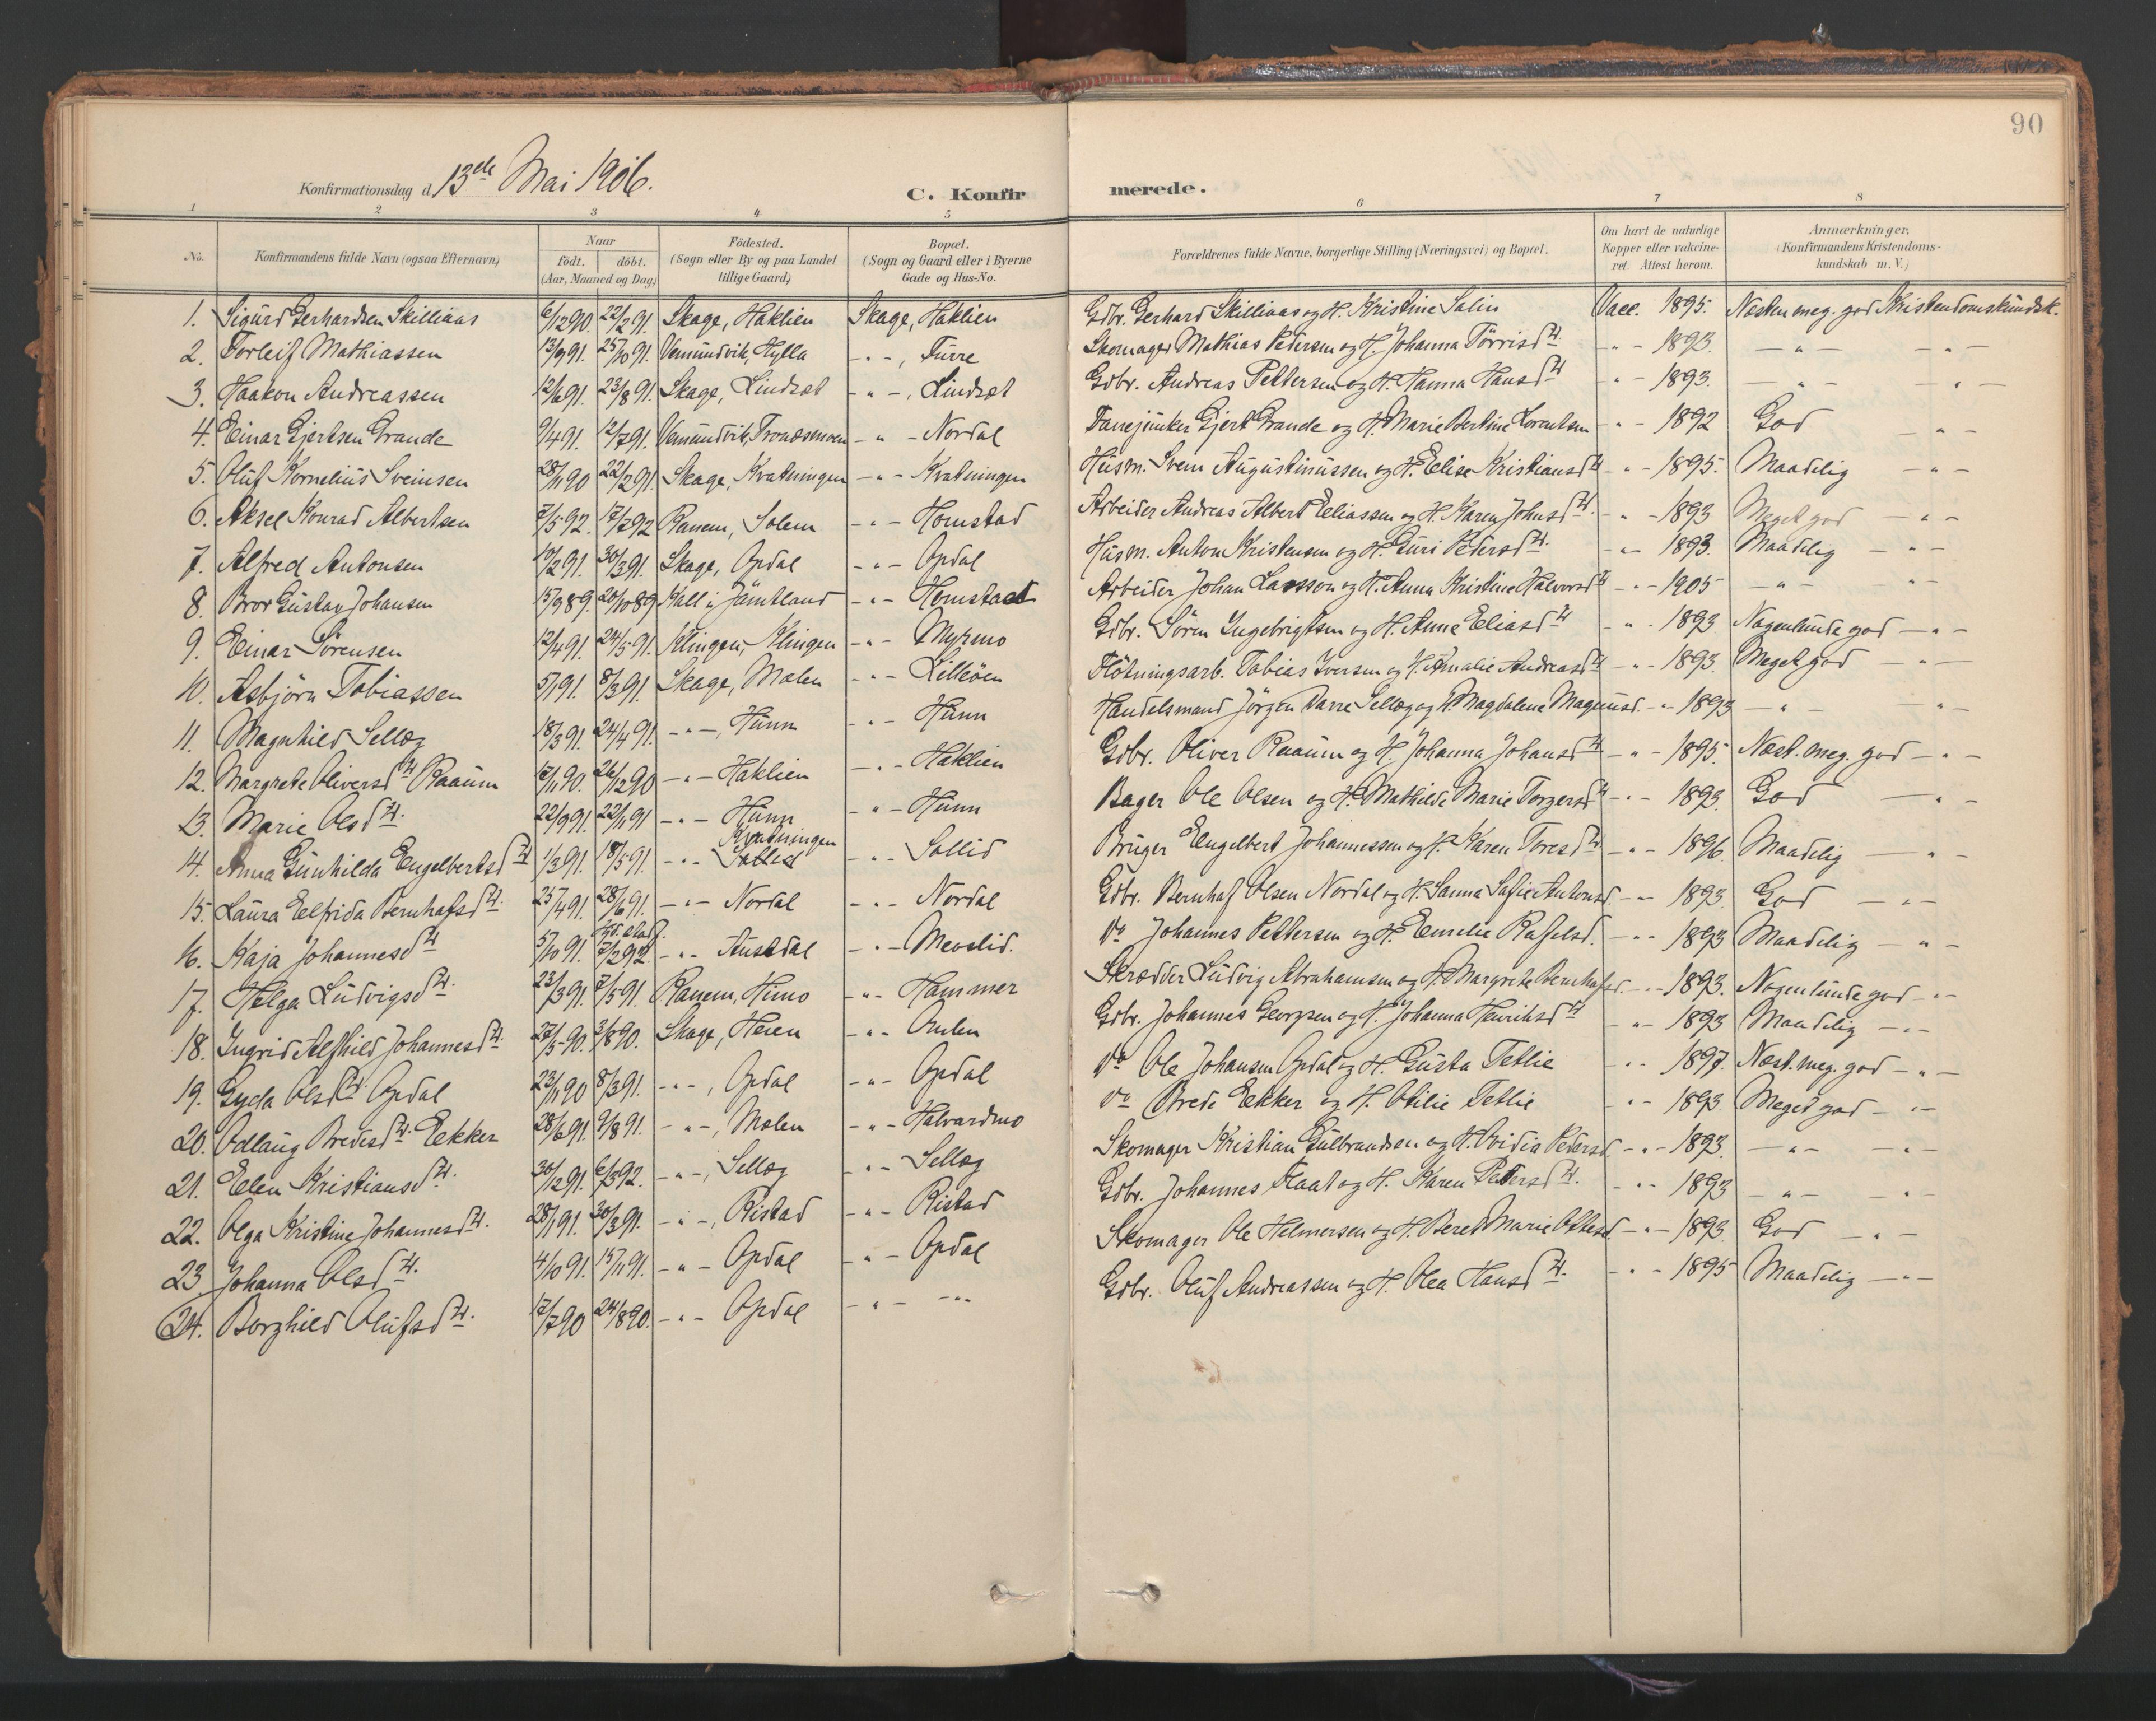 SAT, Ministerialprotokoller, klokkerbøker og fødselsregistre - Nord-Trøndelag, 766/L0564: Ministerialbok nr. 767A02, 1900-1932, s. 90